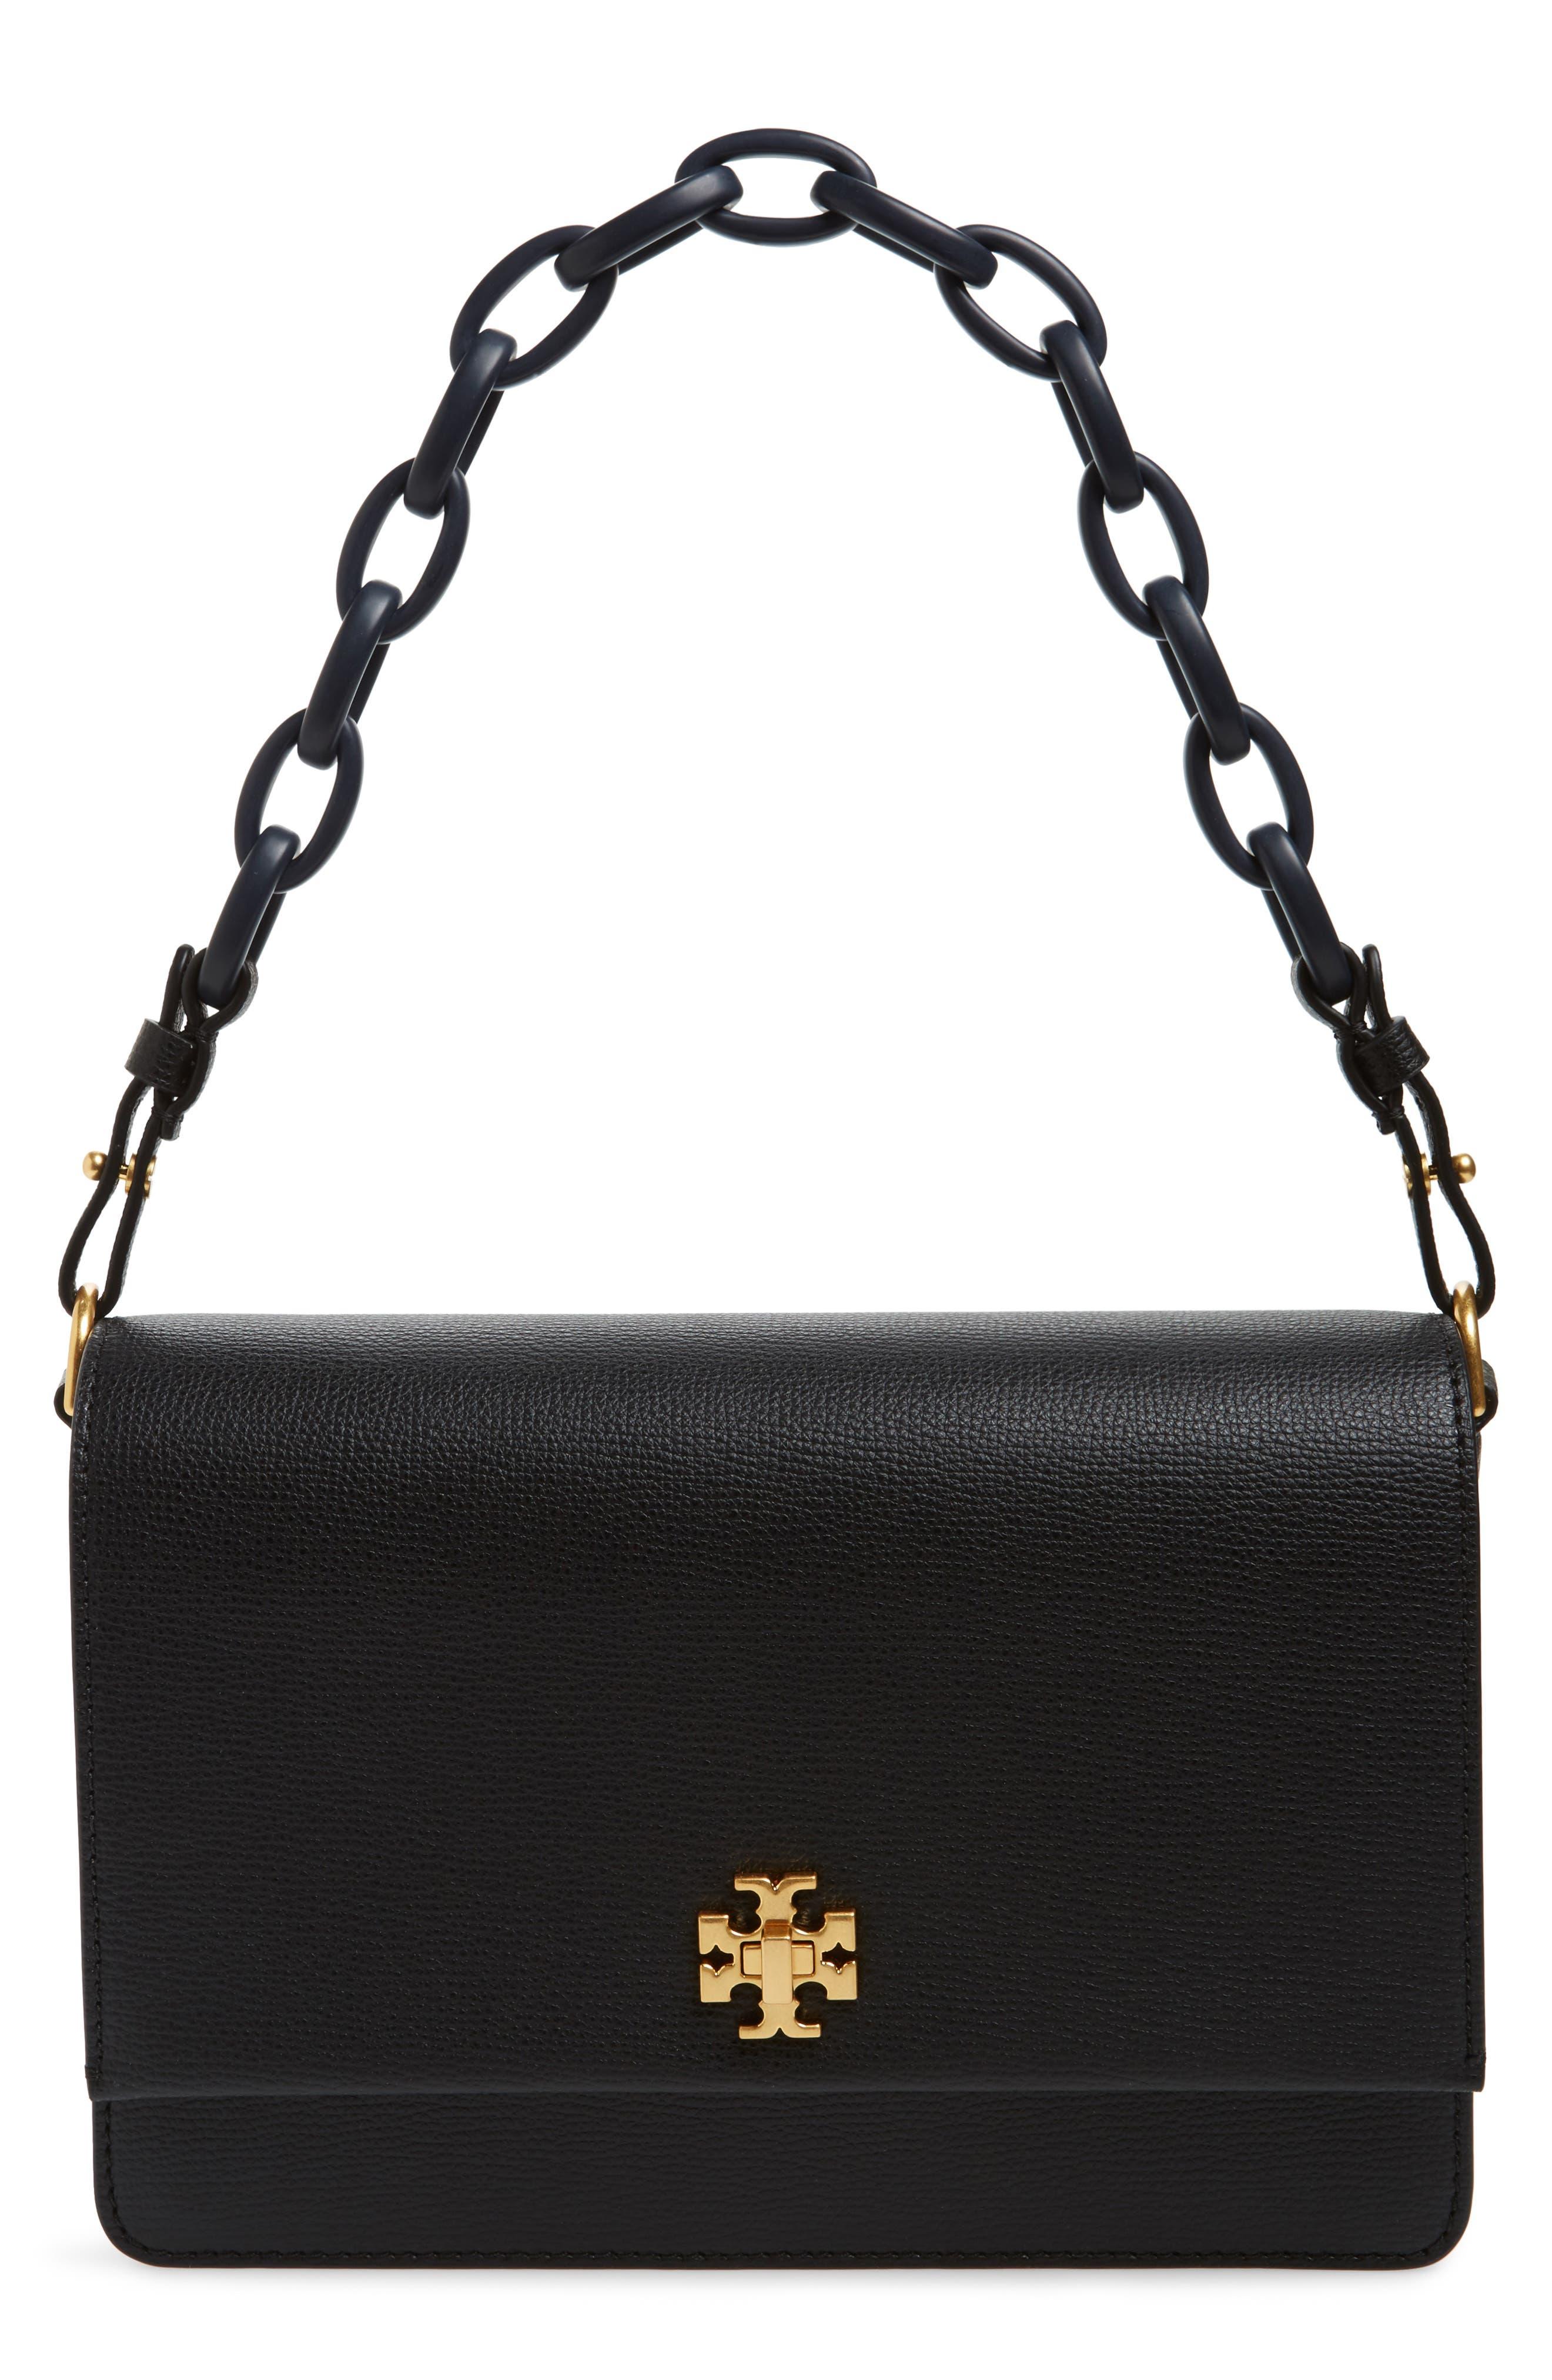 Kira Leather Shoulder Bag,                         Main,                         color, BLACK